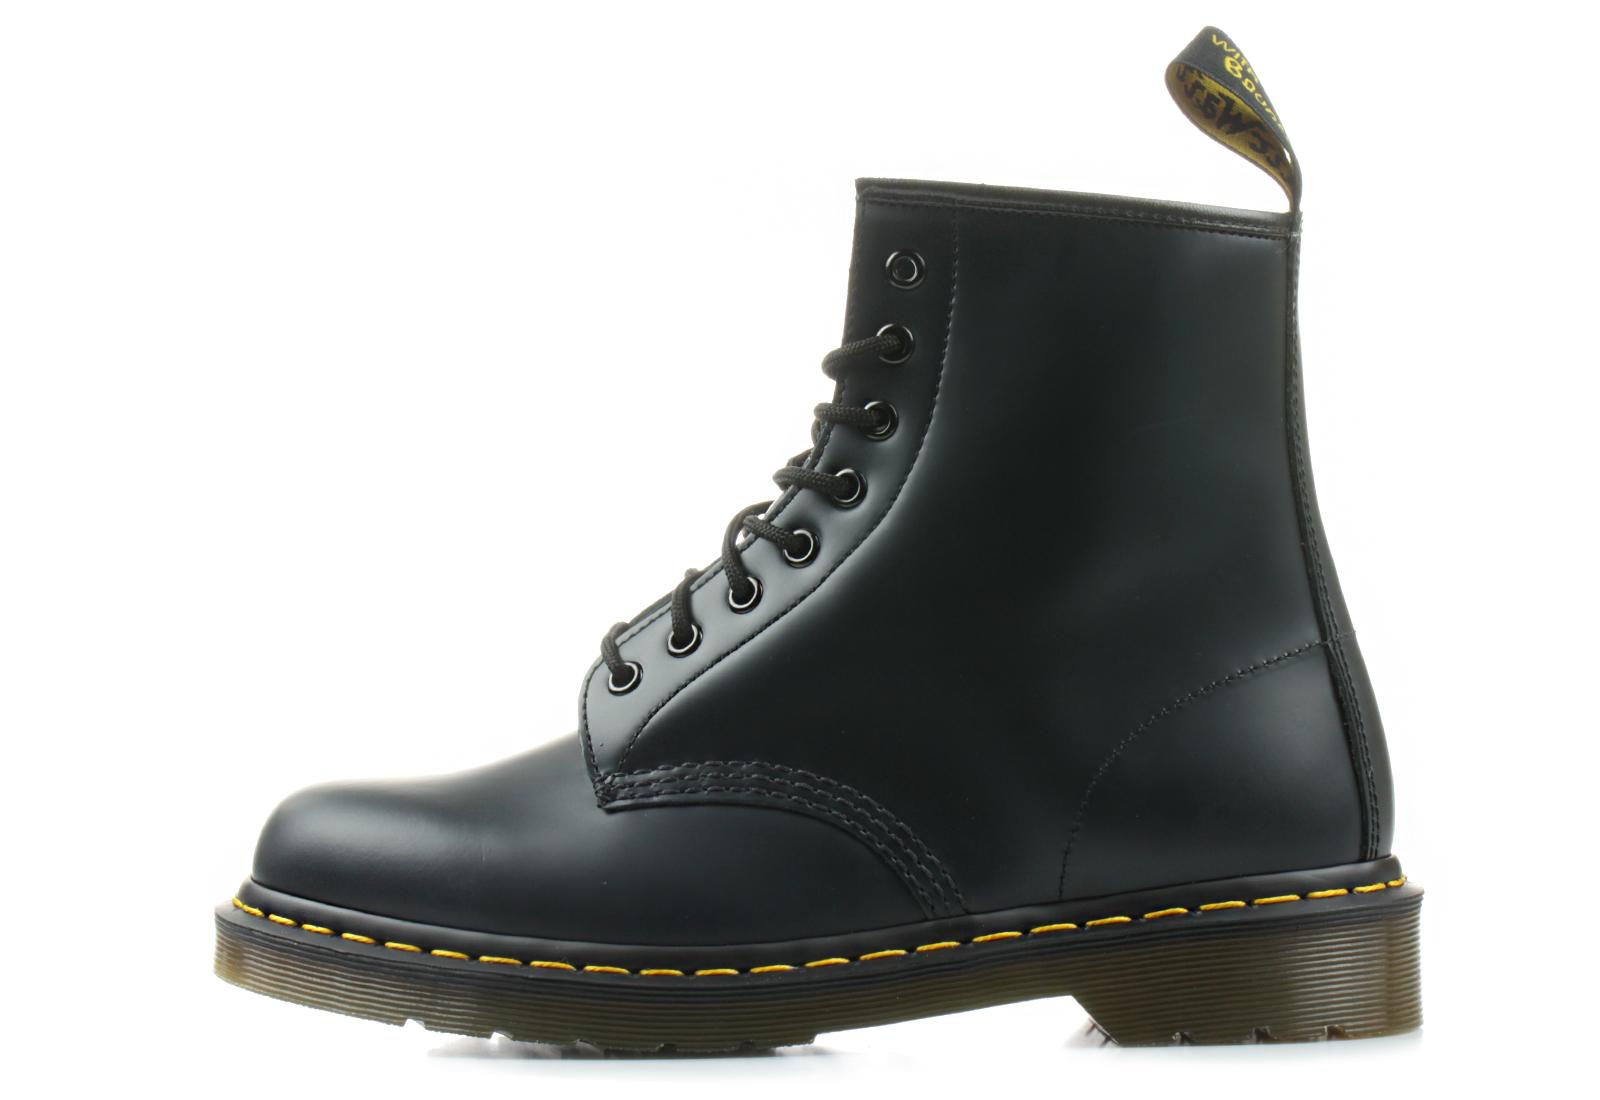 Dr Martens Bakancs - 1460 - 8 Eye Boot - DM10072410 - Office Shoes ... 62e37d7b1d